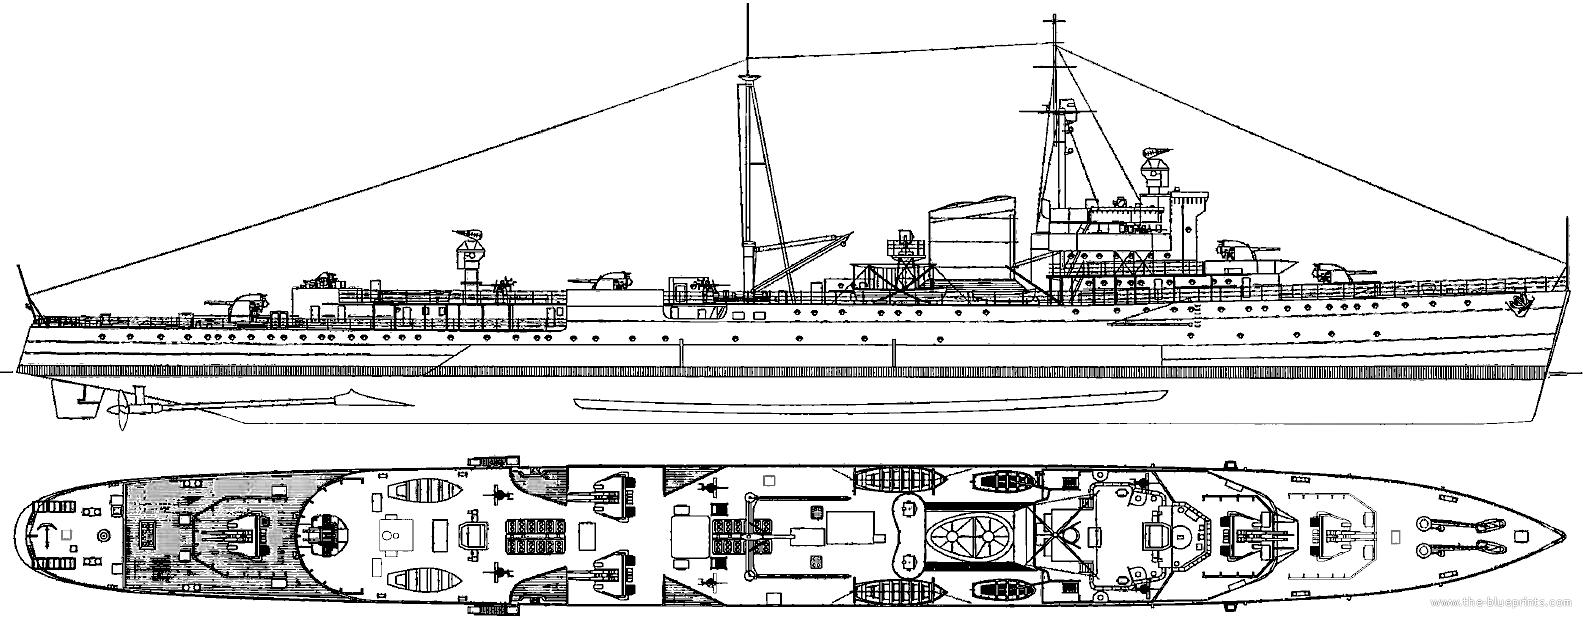 Hrms Jacob Van Heemskerck 1942